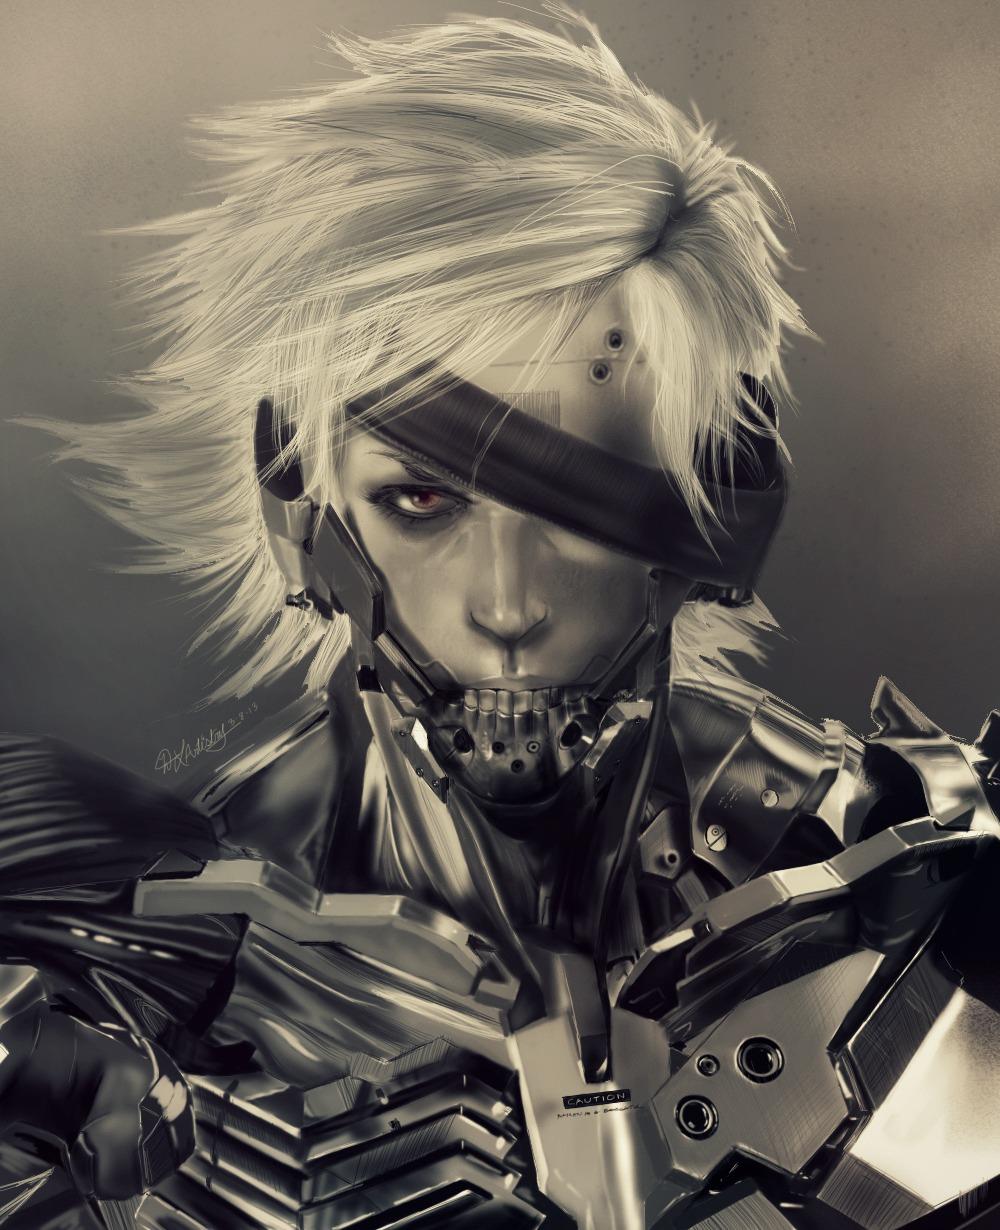 Metal Gear Rising: Revengeance - Raiden by geekyglassesartist